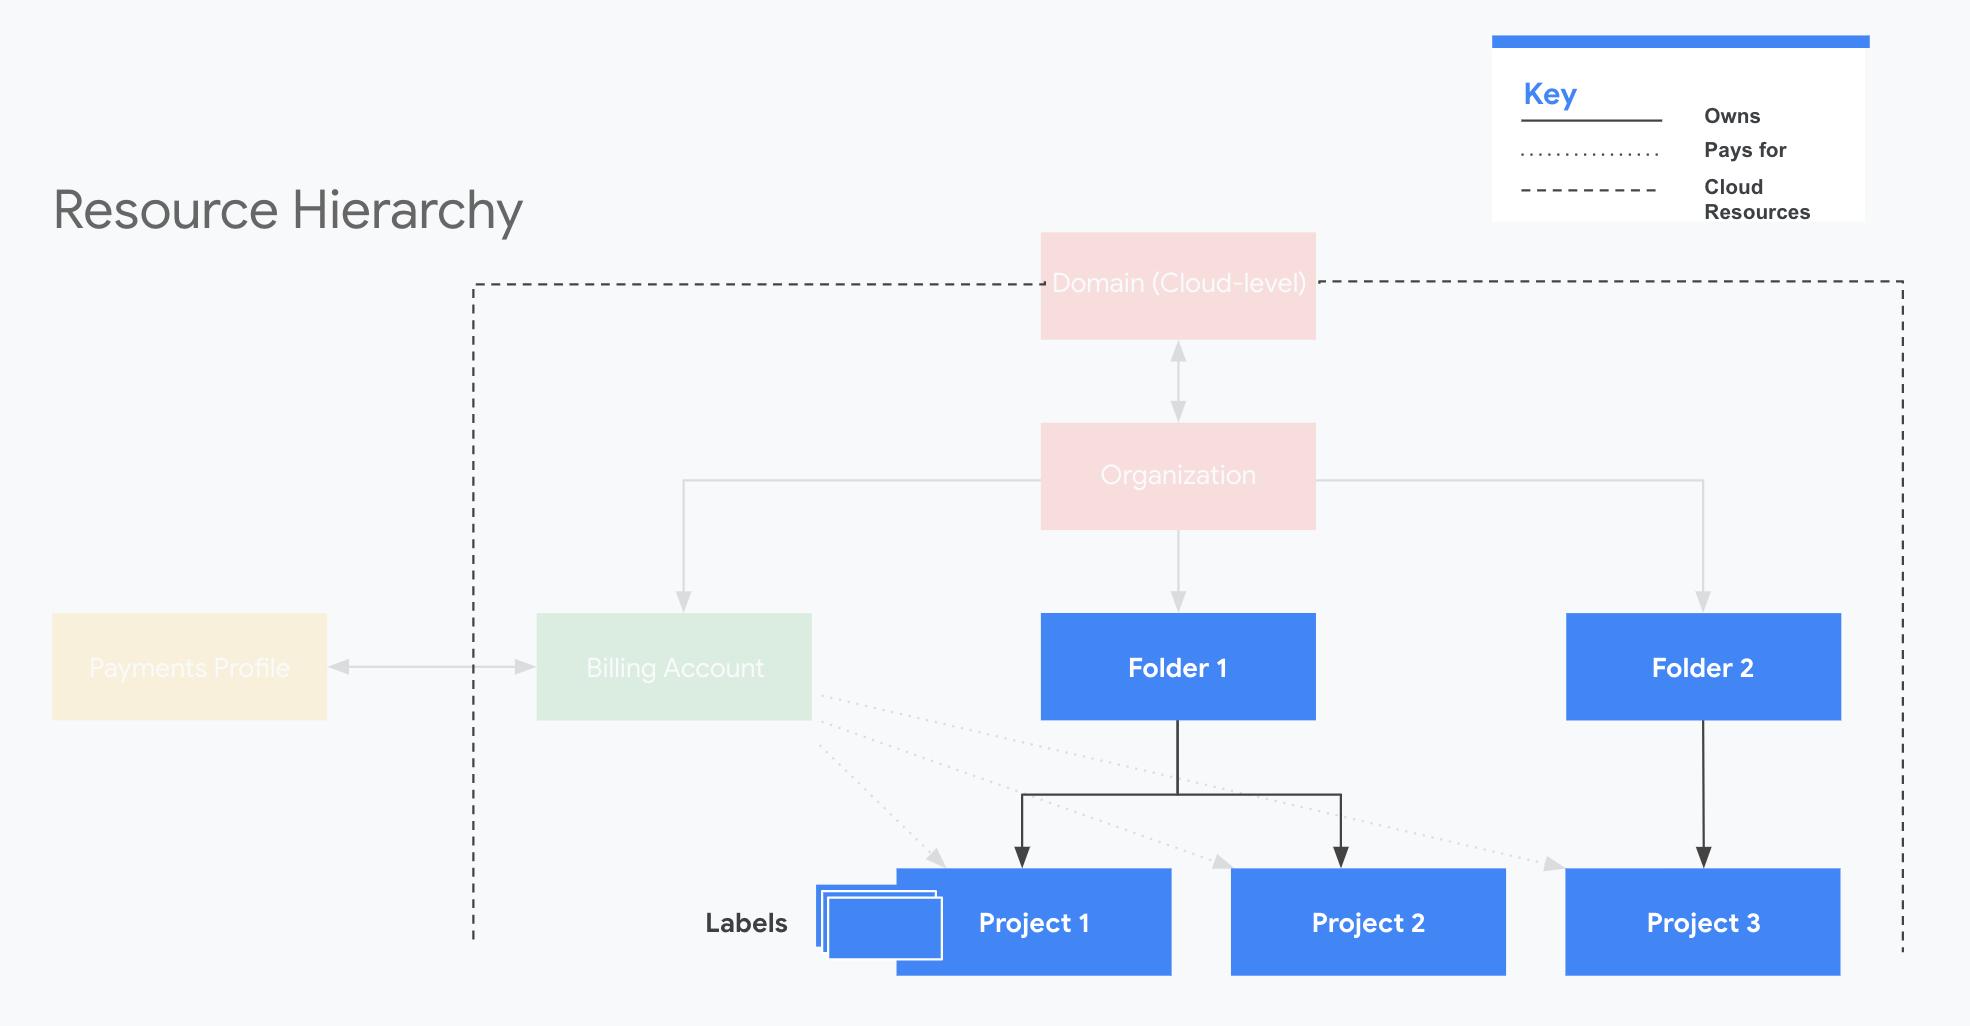 리소스 계층 구조의 프로젝트, 폴더, 라벨